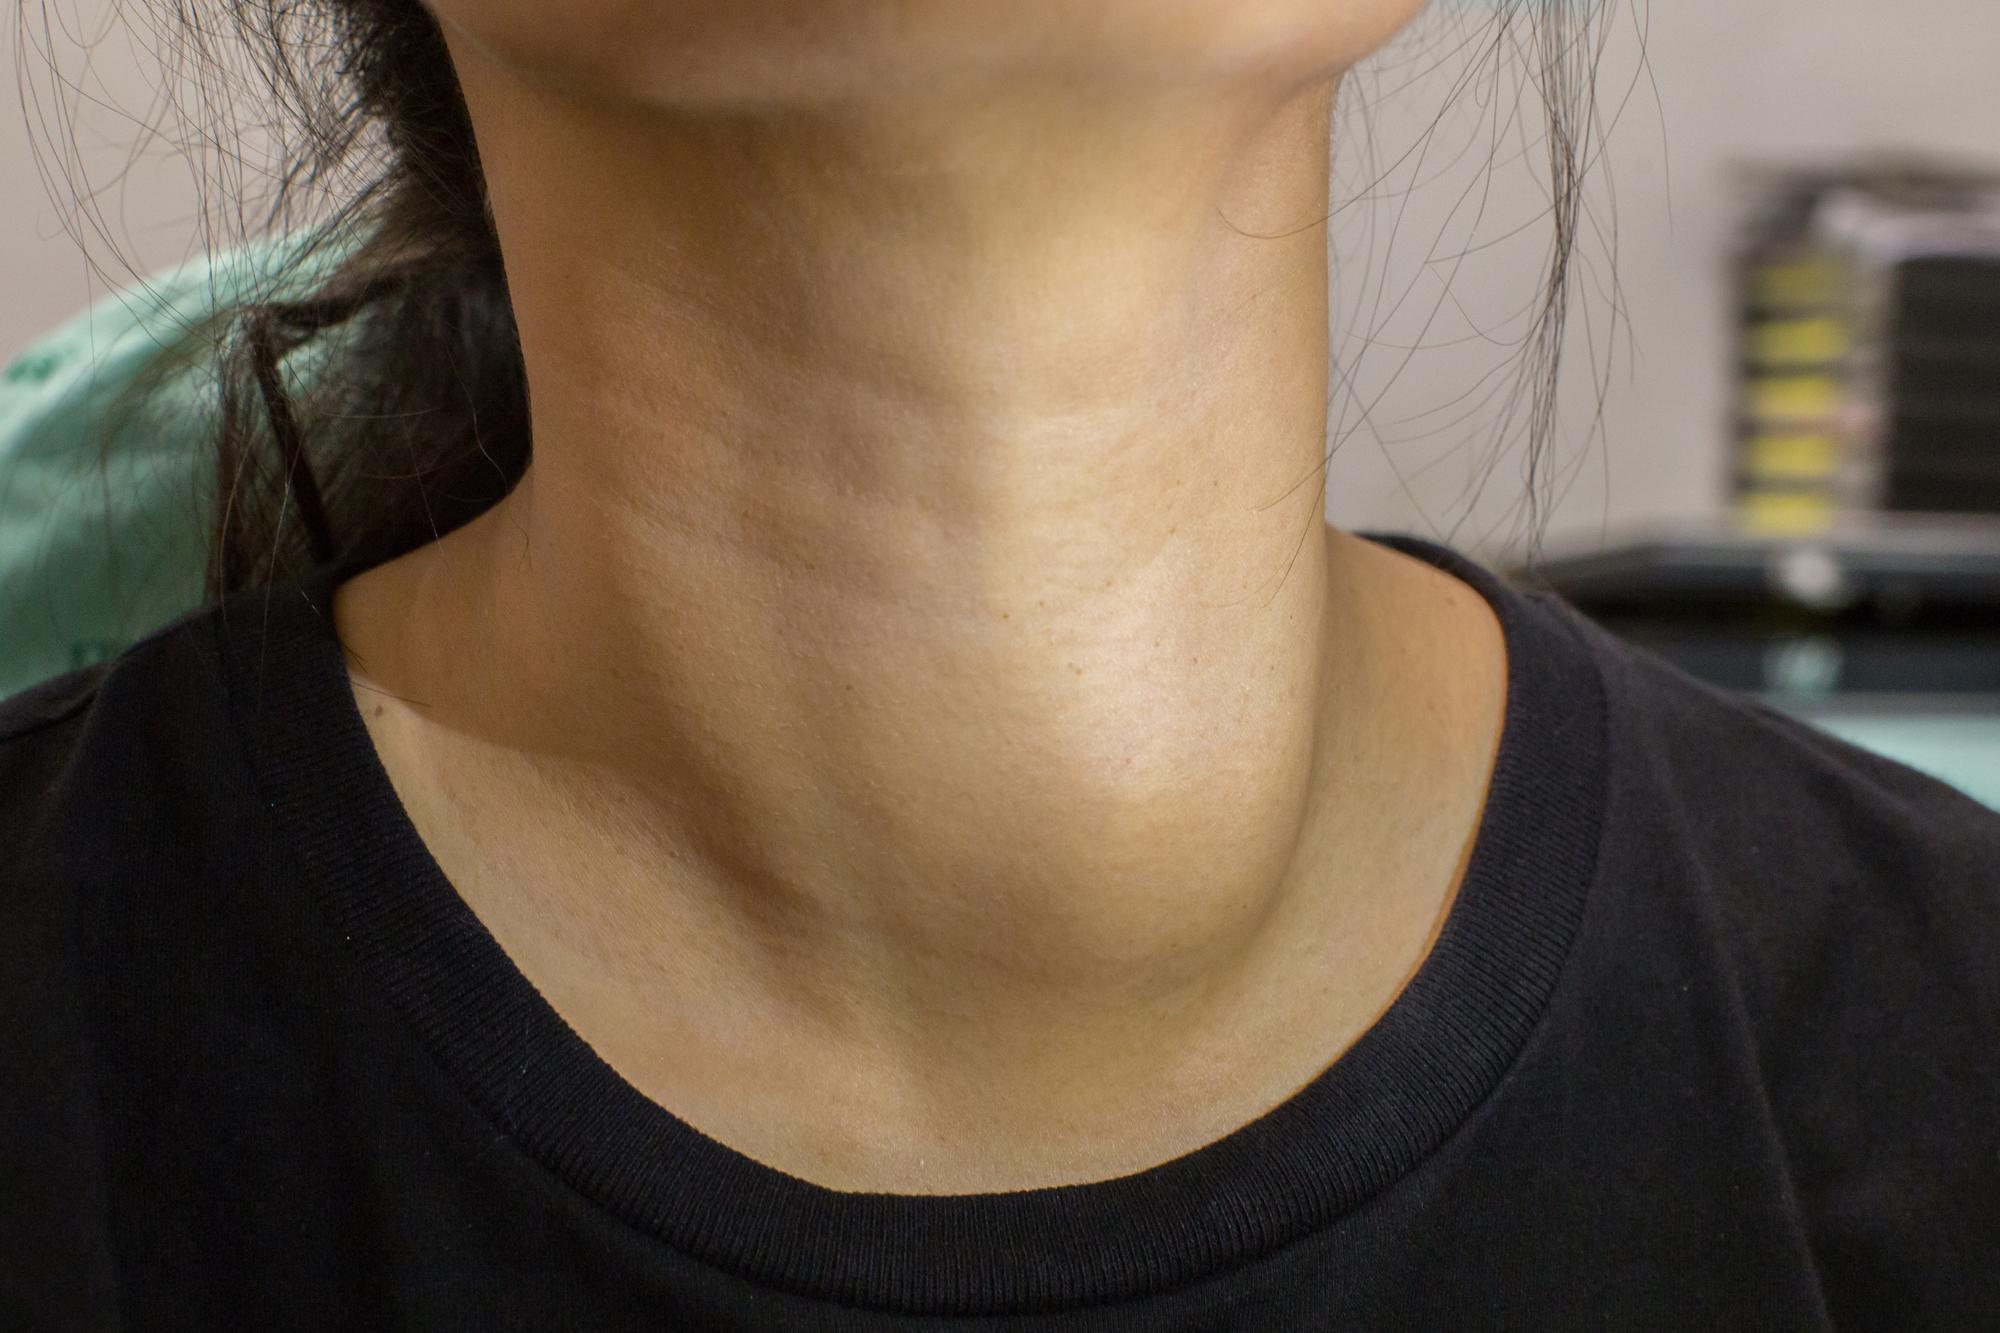 cysta på sköldkörteln symtom